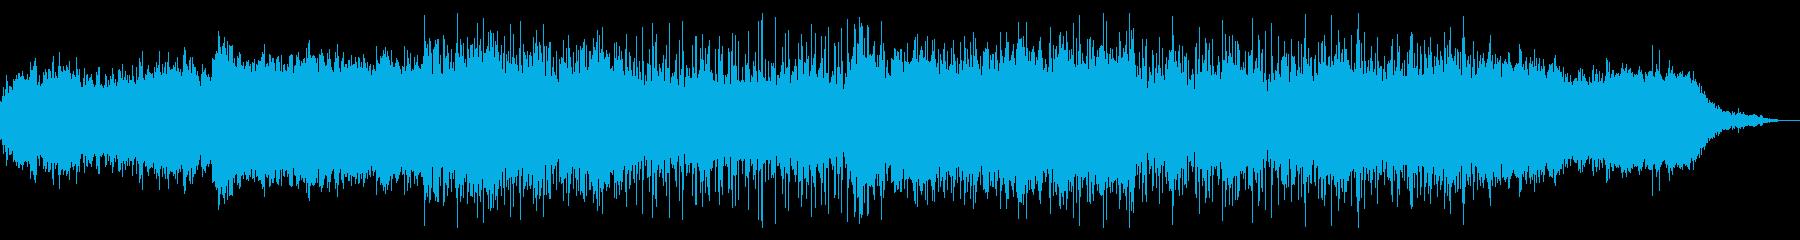 荘厳なアンビエントテクスチャの再生済みの波形